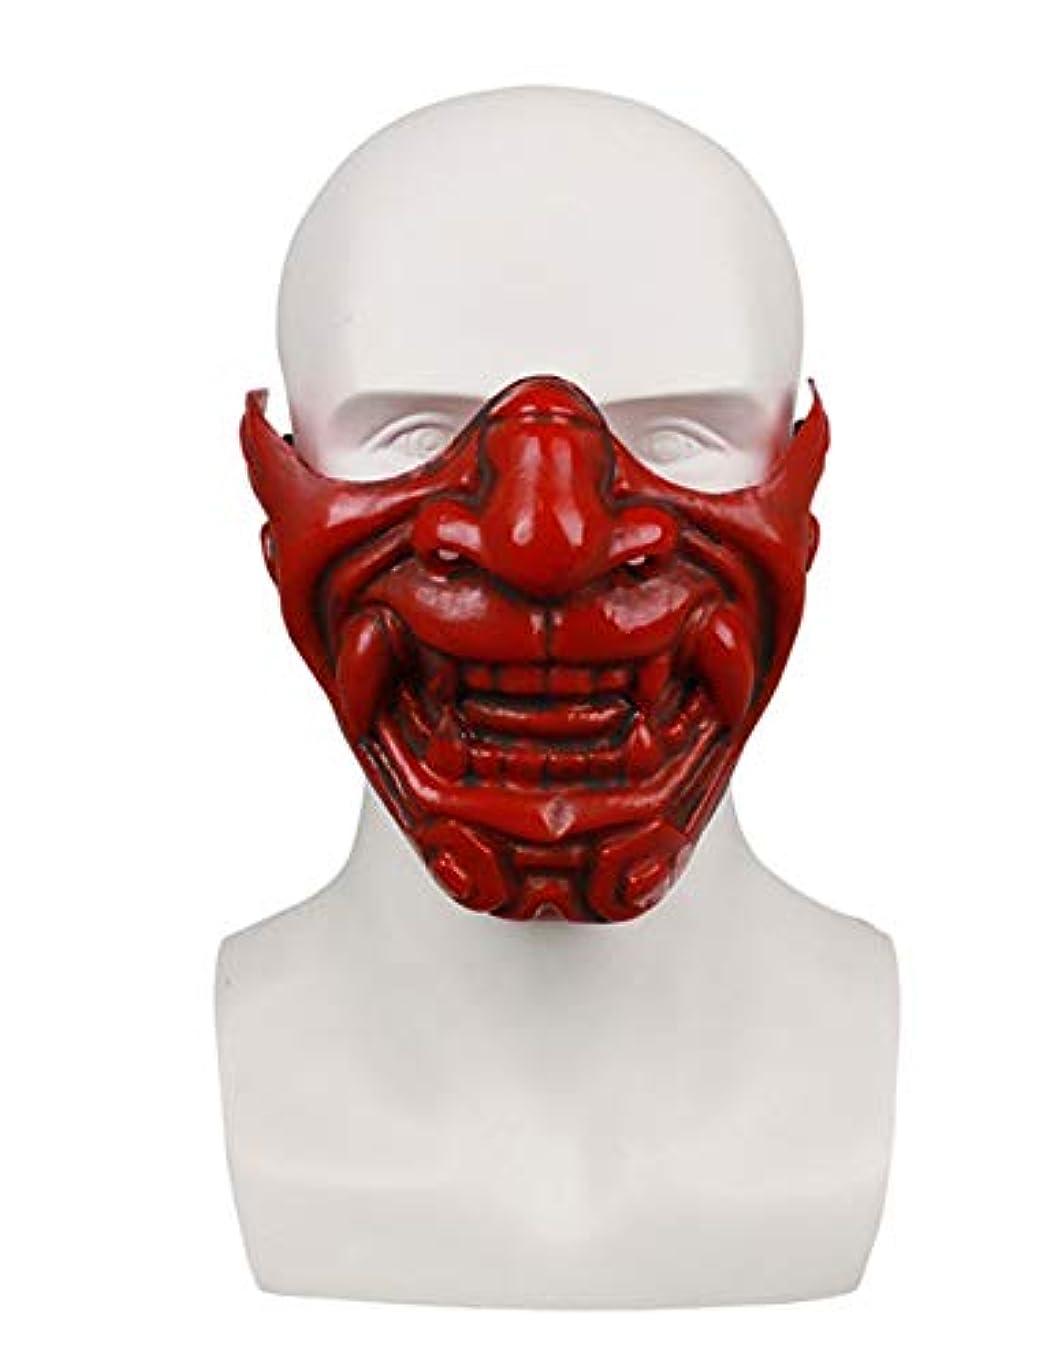 サイレンのぞき見応用ハロウィーンハーフフェイスマスクホラーデビルマスク映画の小道具仮装マスク (Color : RED)